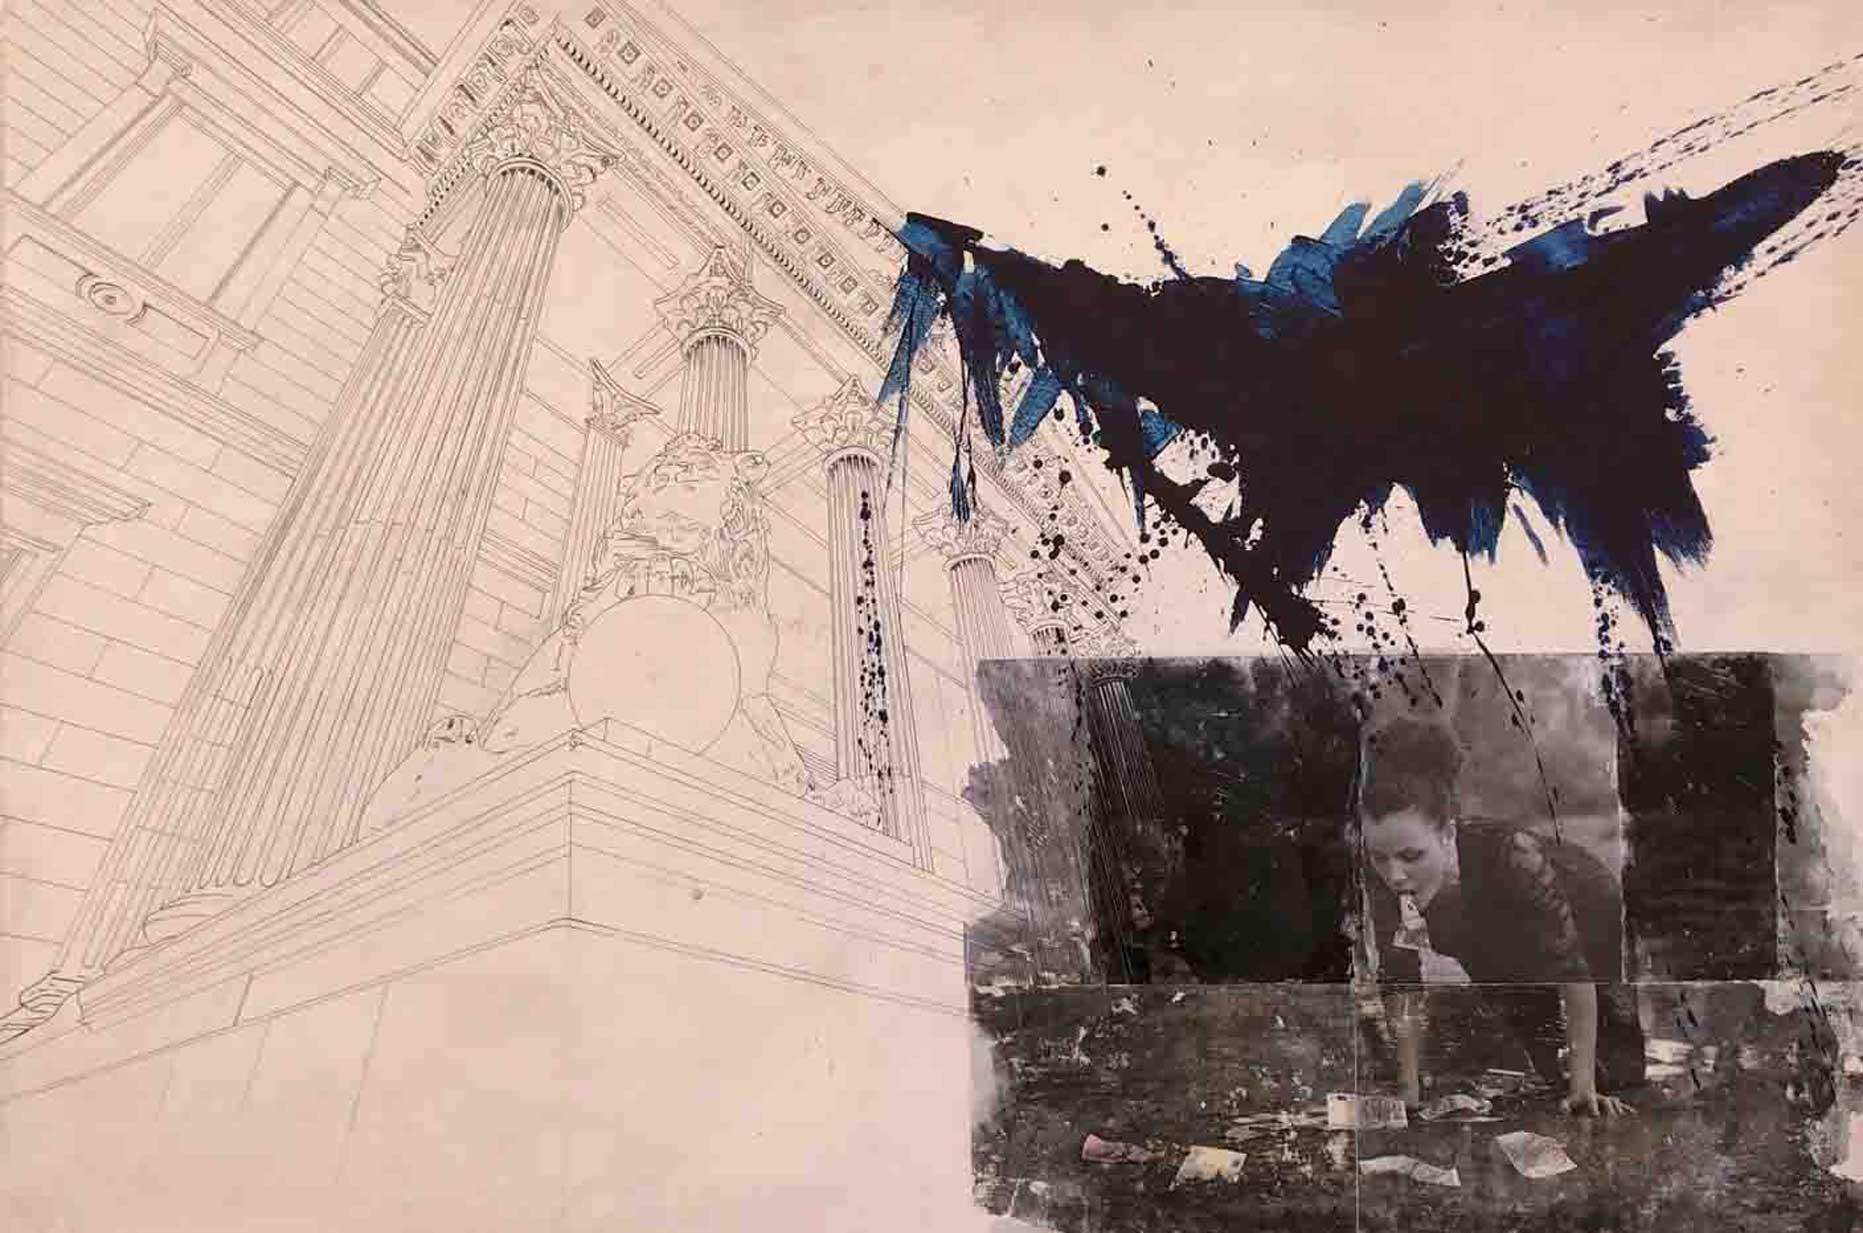 Obra perteneciente a la serie de transfers de grandes dimensiones. Técnica mixta: transfer, pigmento y dibujo sobre madera.